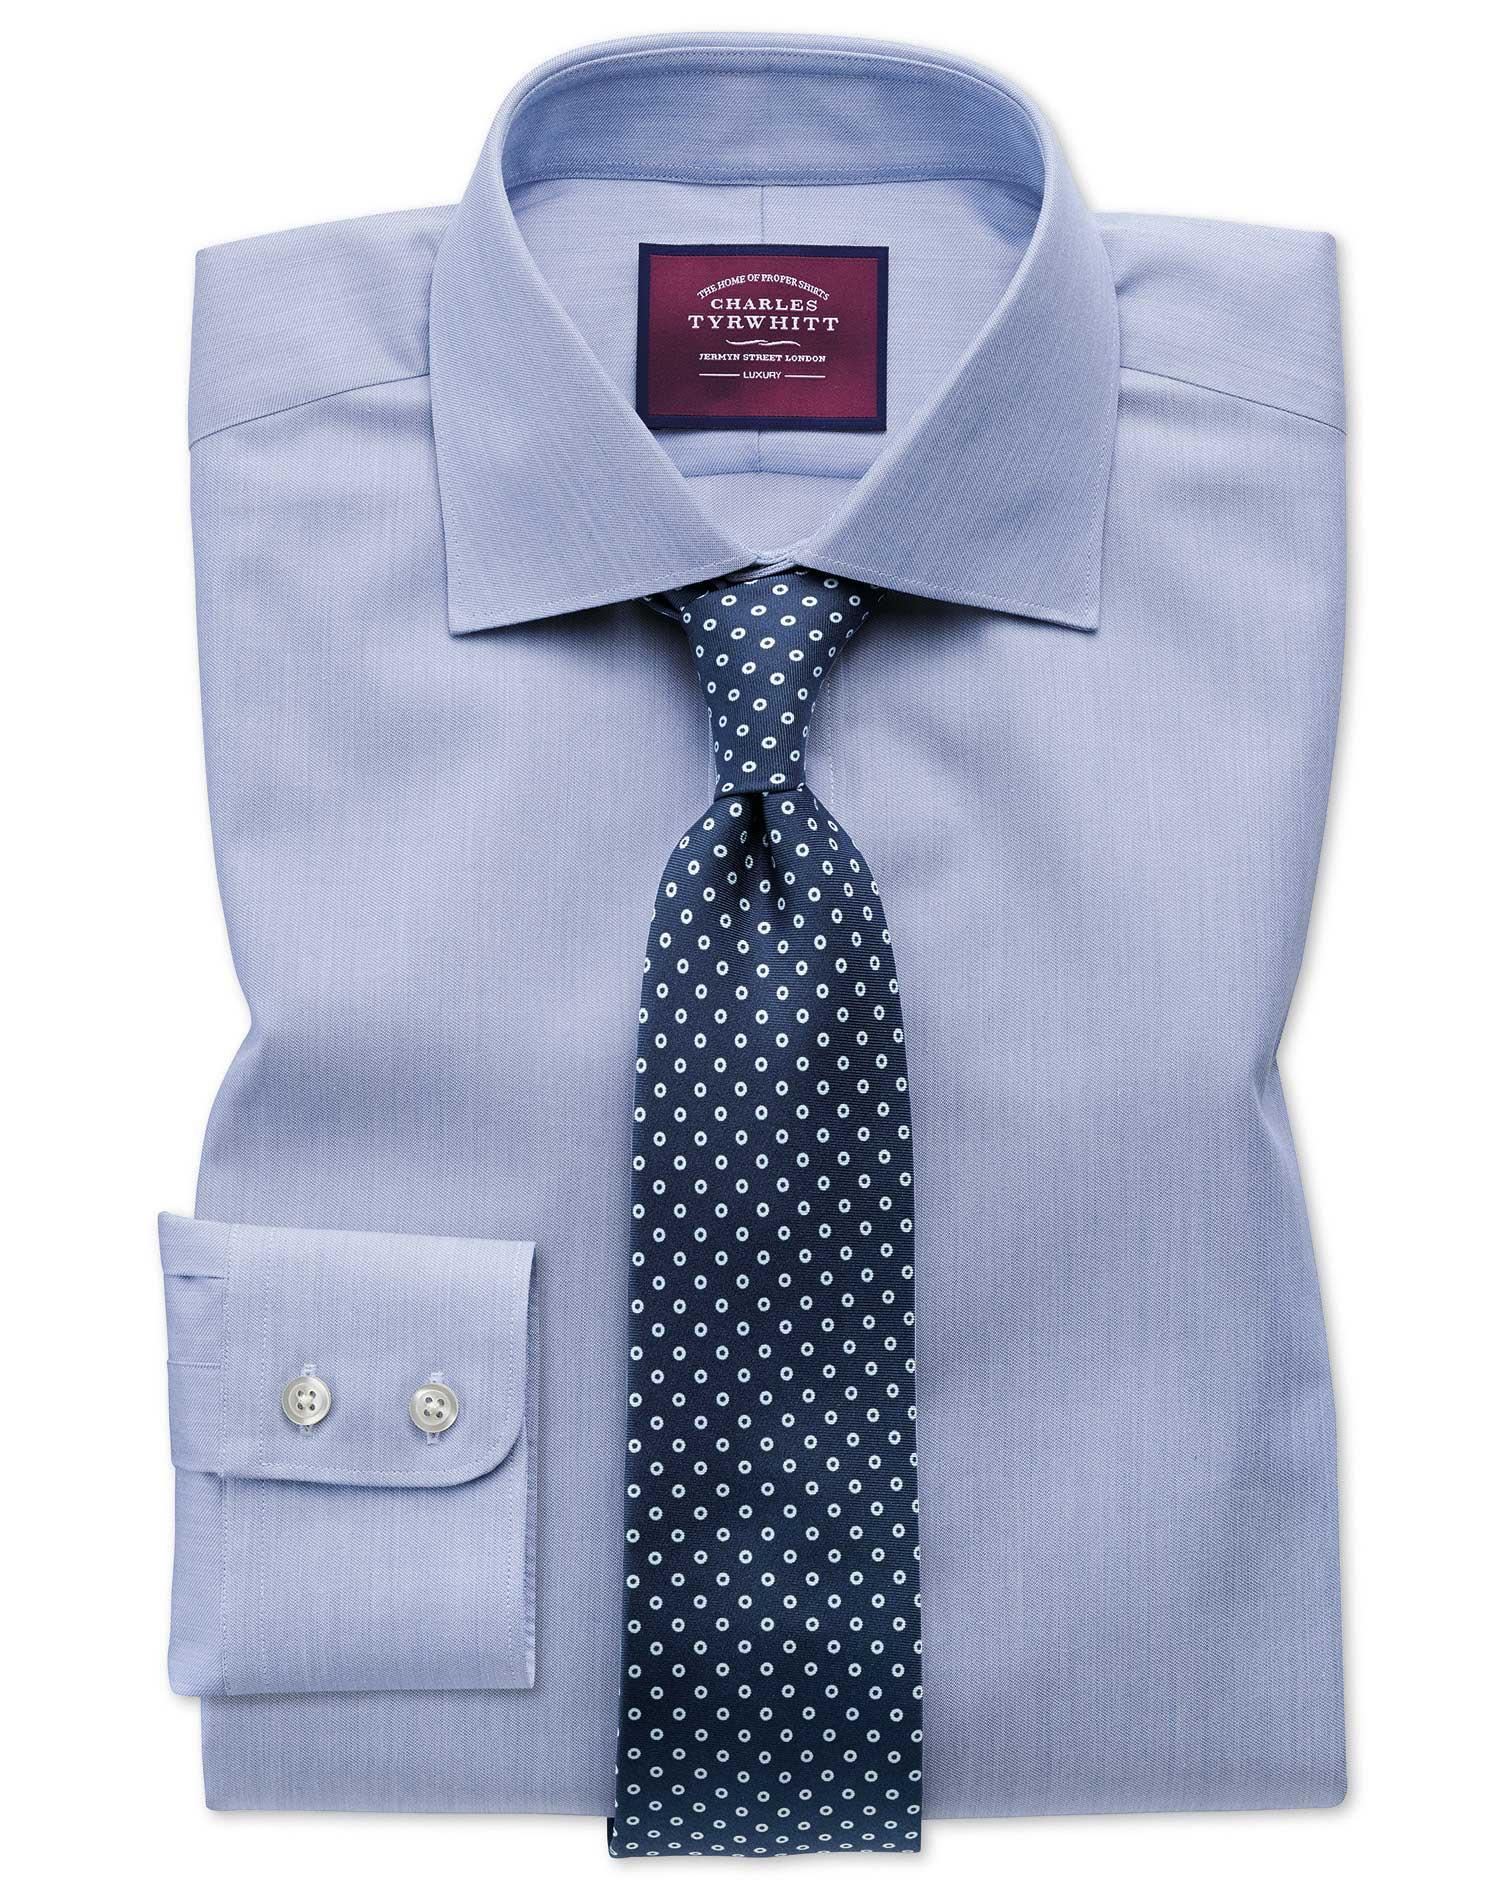 Slim Fit Semi-Cutaway Luxury Cotton Silk Blue Formal Shirt Single Cuff Size 14.5/33 by Charles Tyrwh